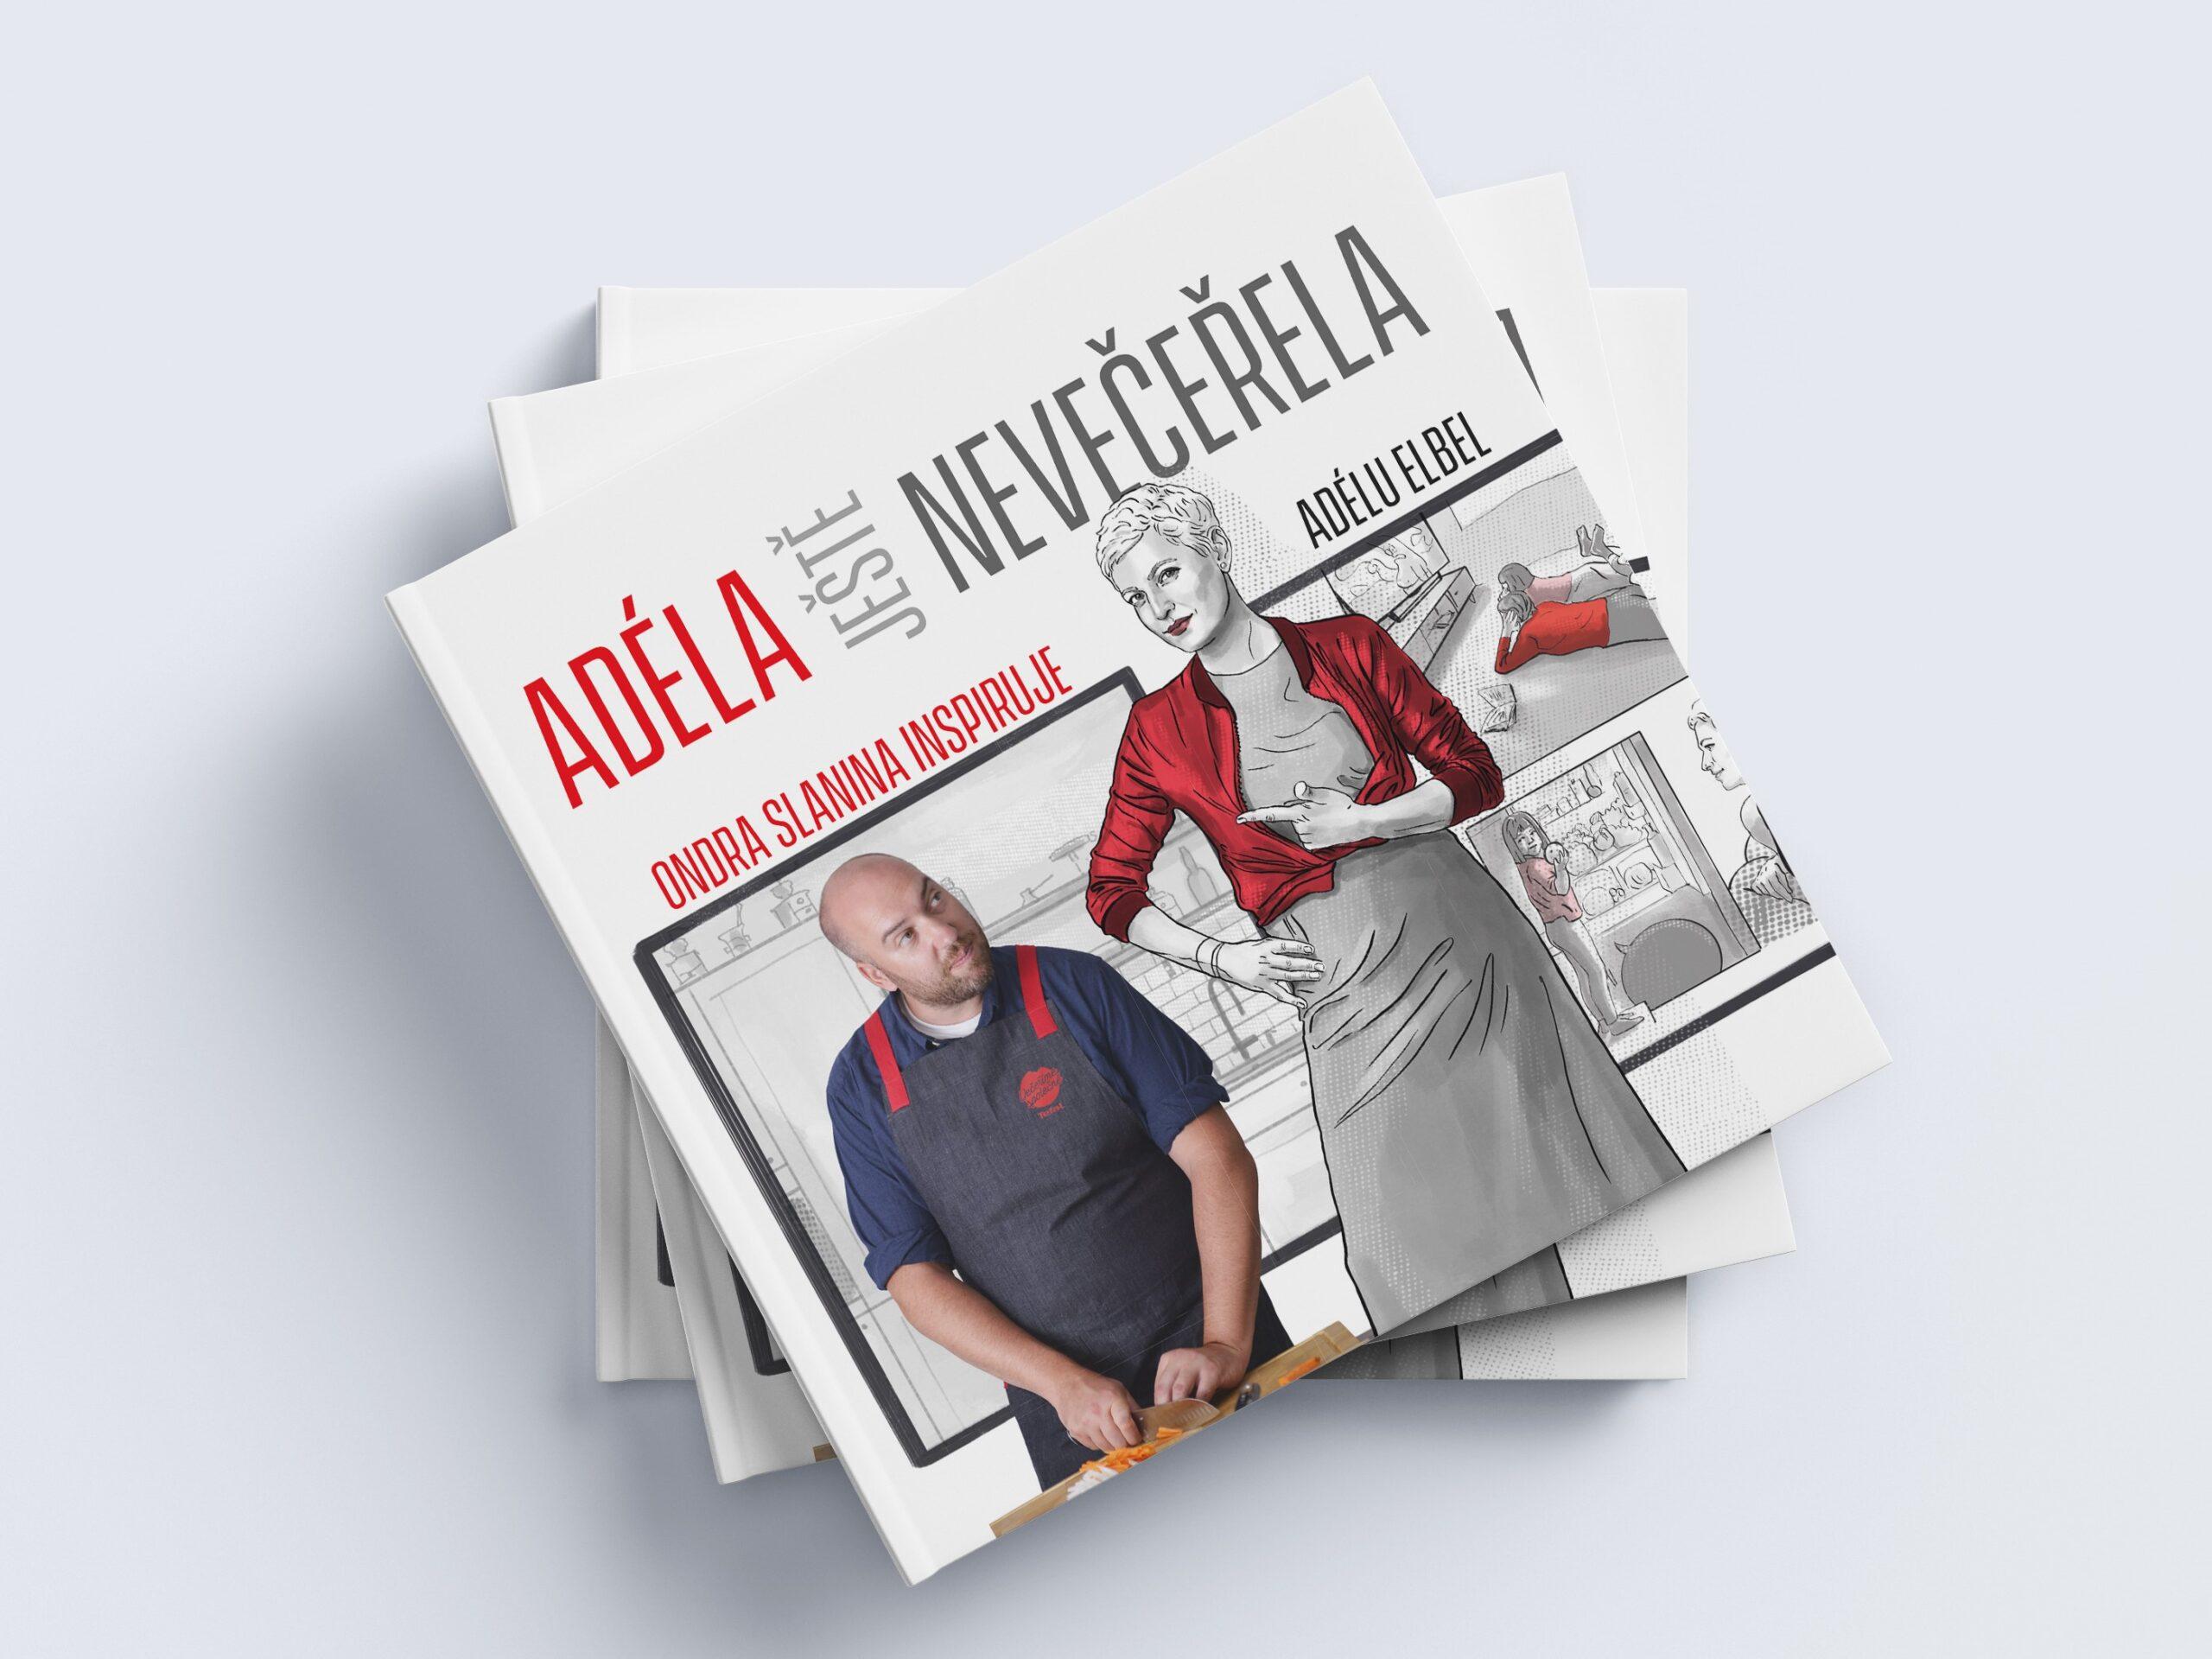 Vaření může být zábava pro celou rodinu. Ondra Slanina a Adéla Elbel v komiksové kuchařce radí, jak vařit rychle, poctivě a s úsměvem